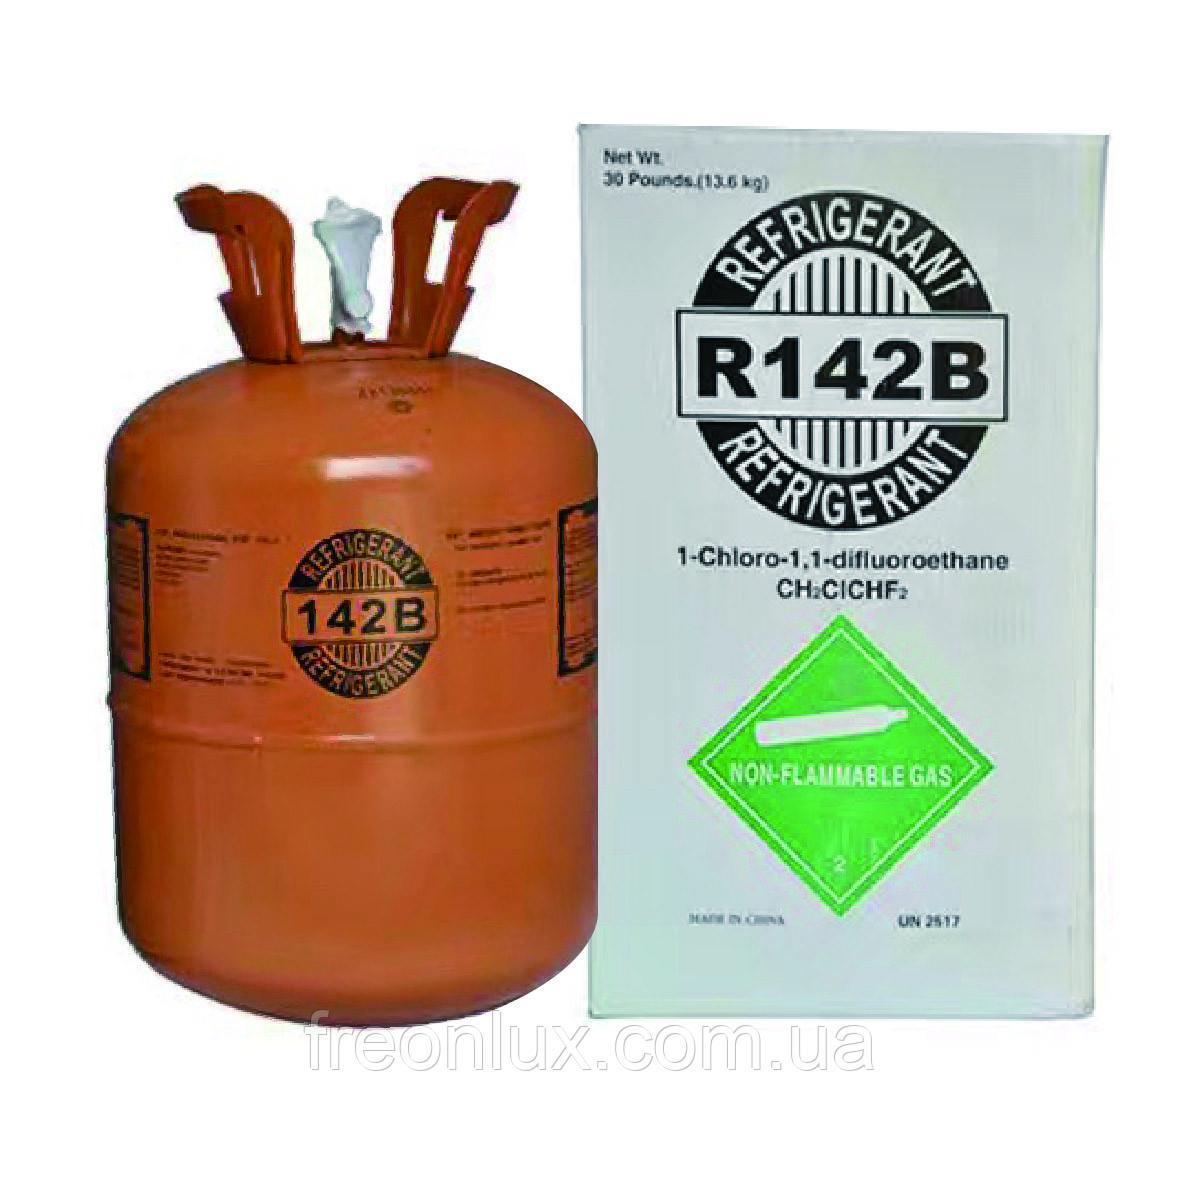 Холодоагент R142В 13,6 кг